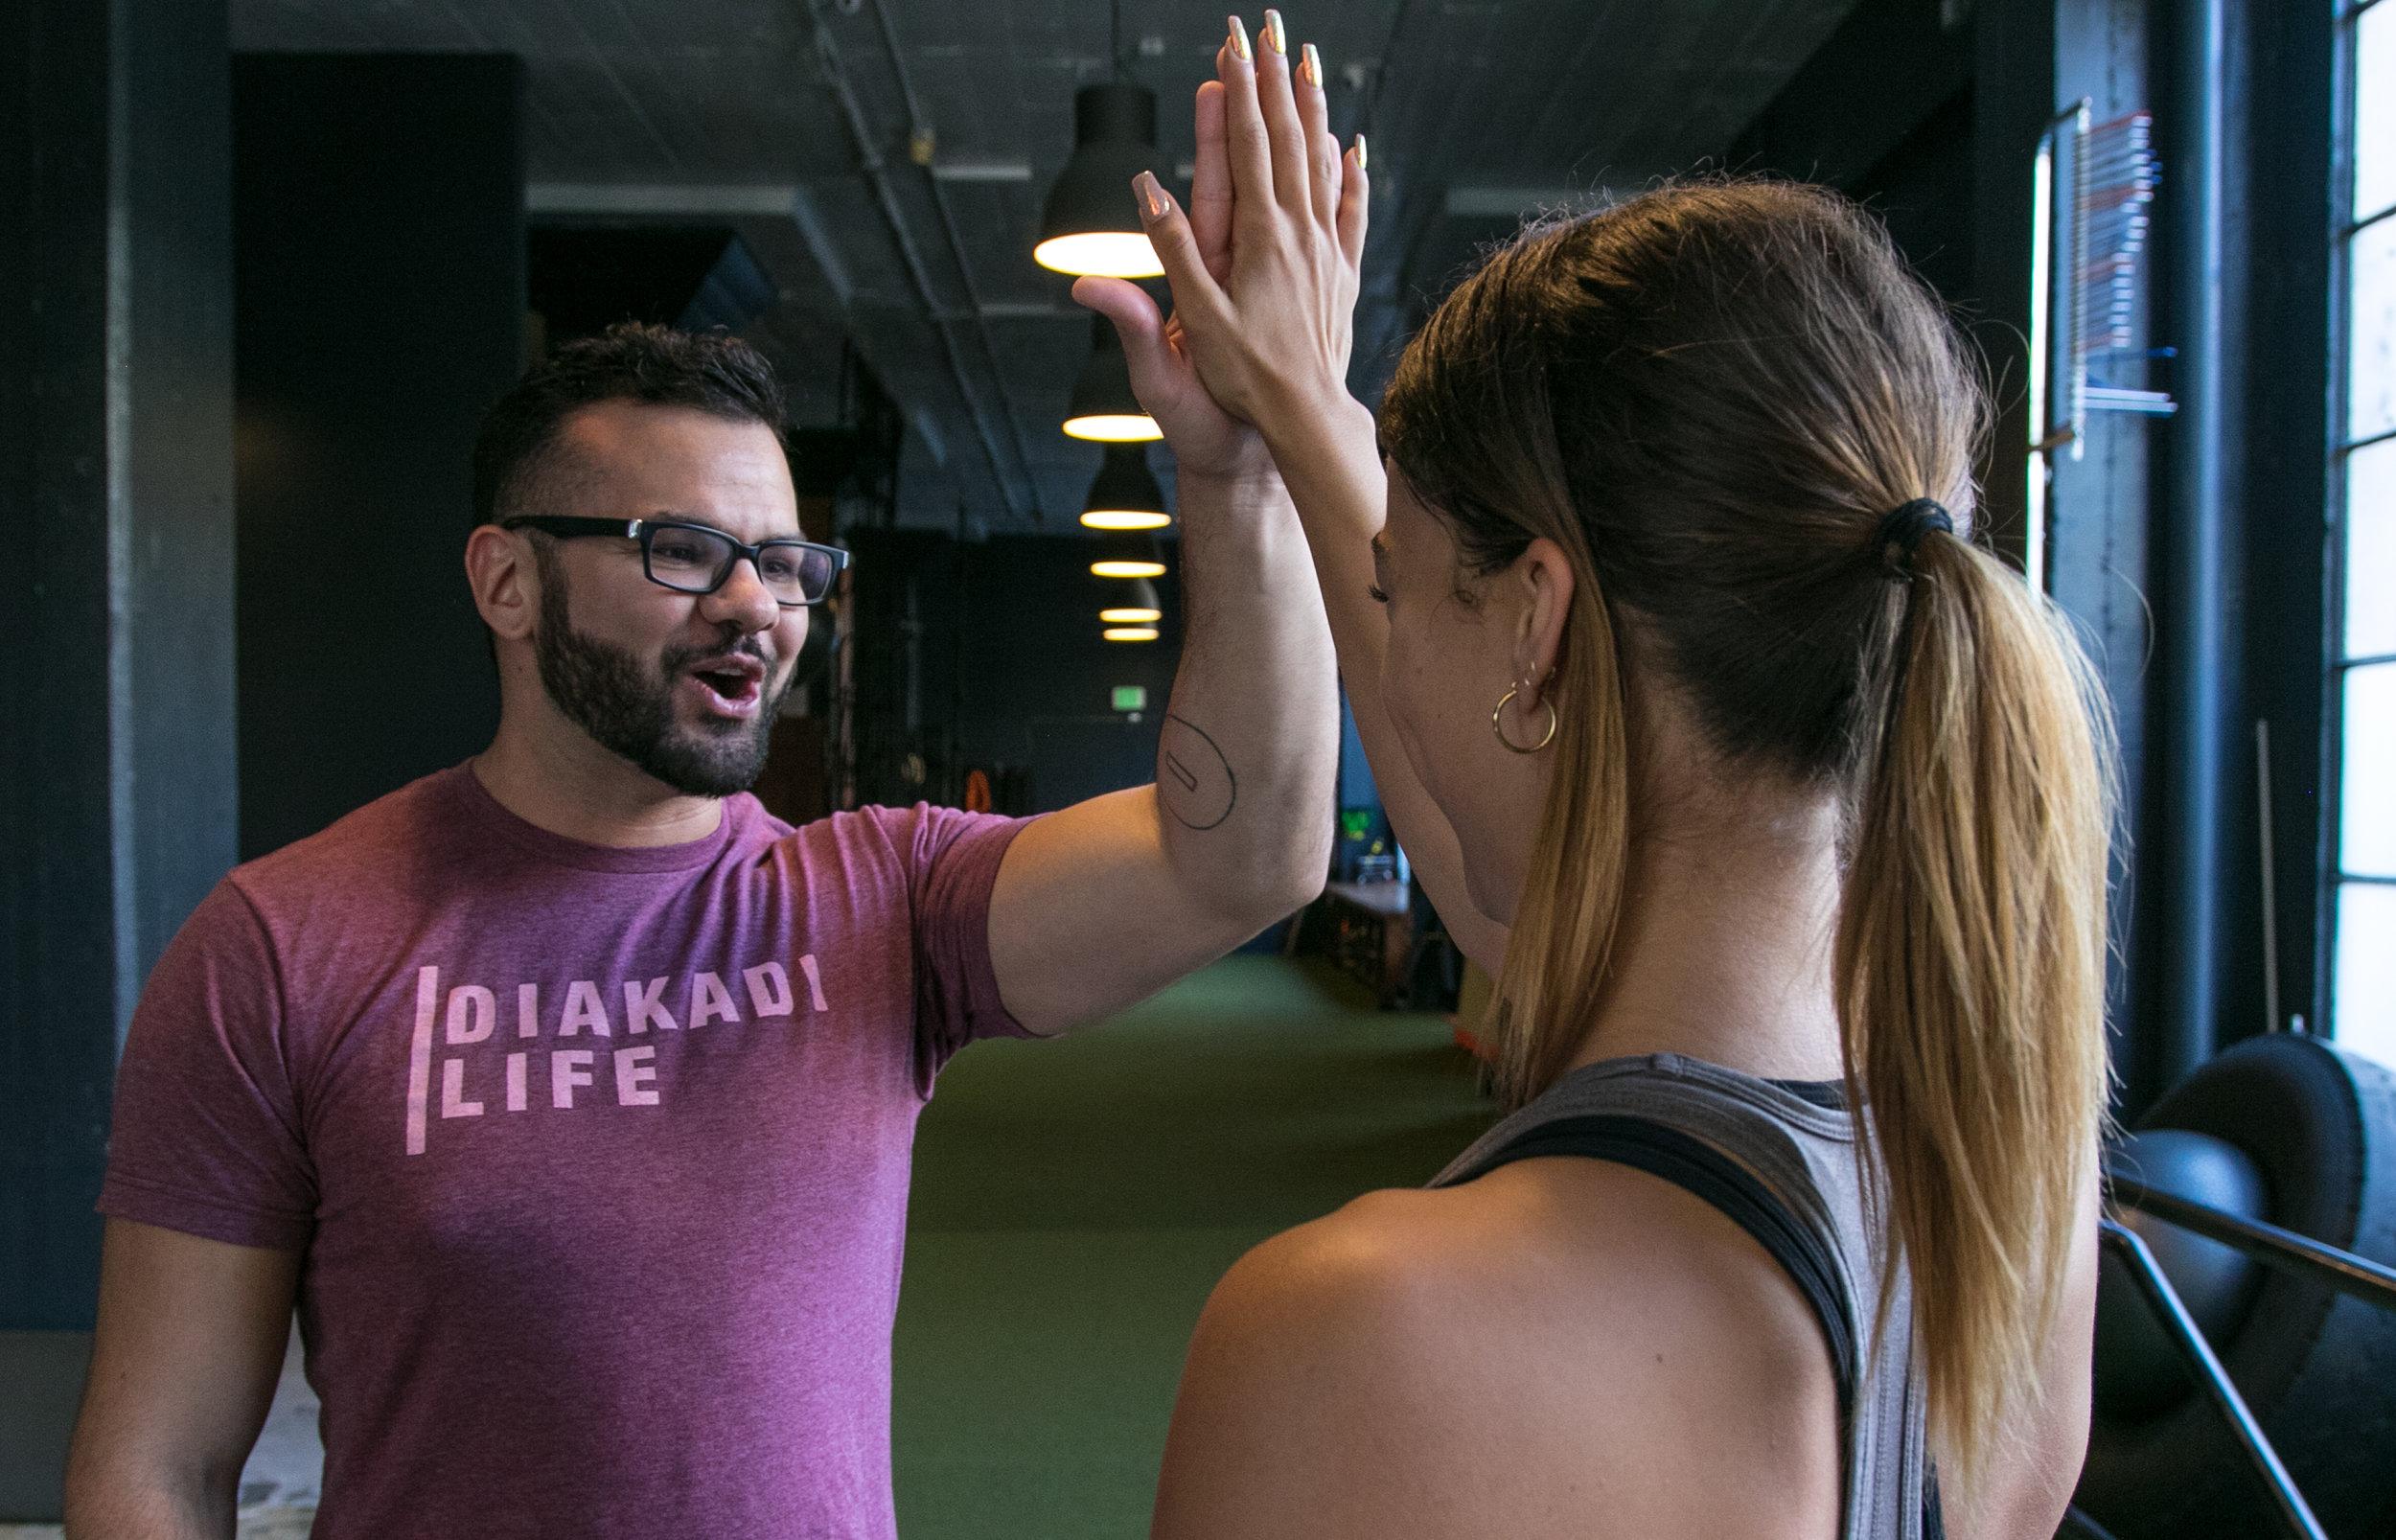 DIAKADI best gym personal trainers.jpg